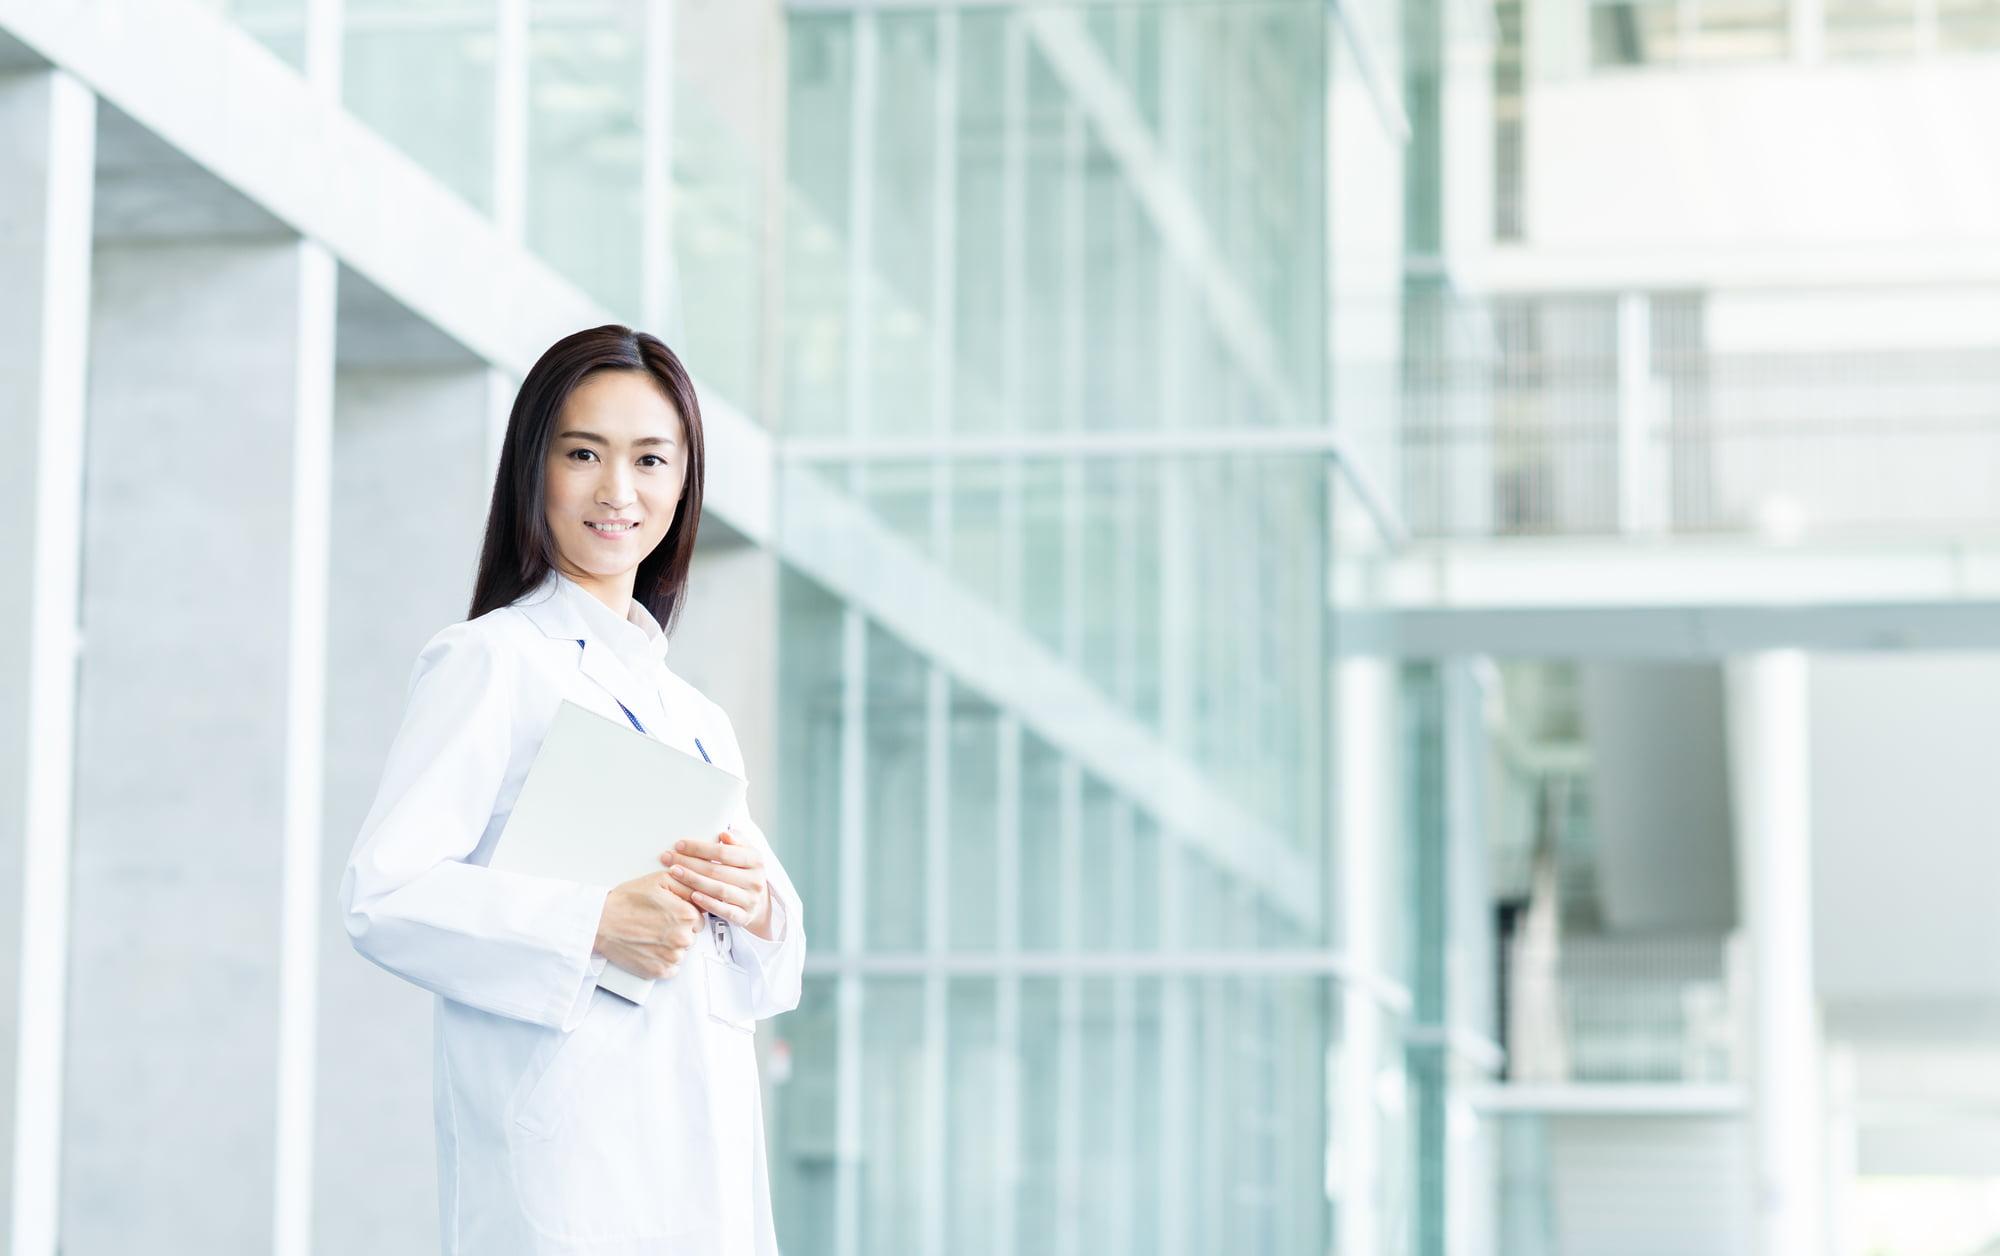 派遣-研究開発系の女性派遣社員